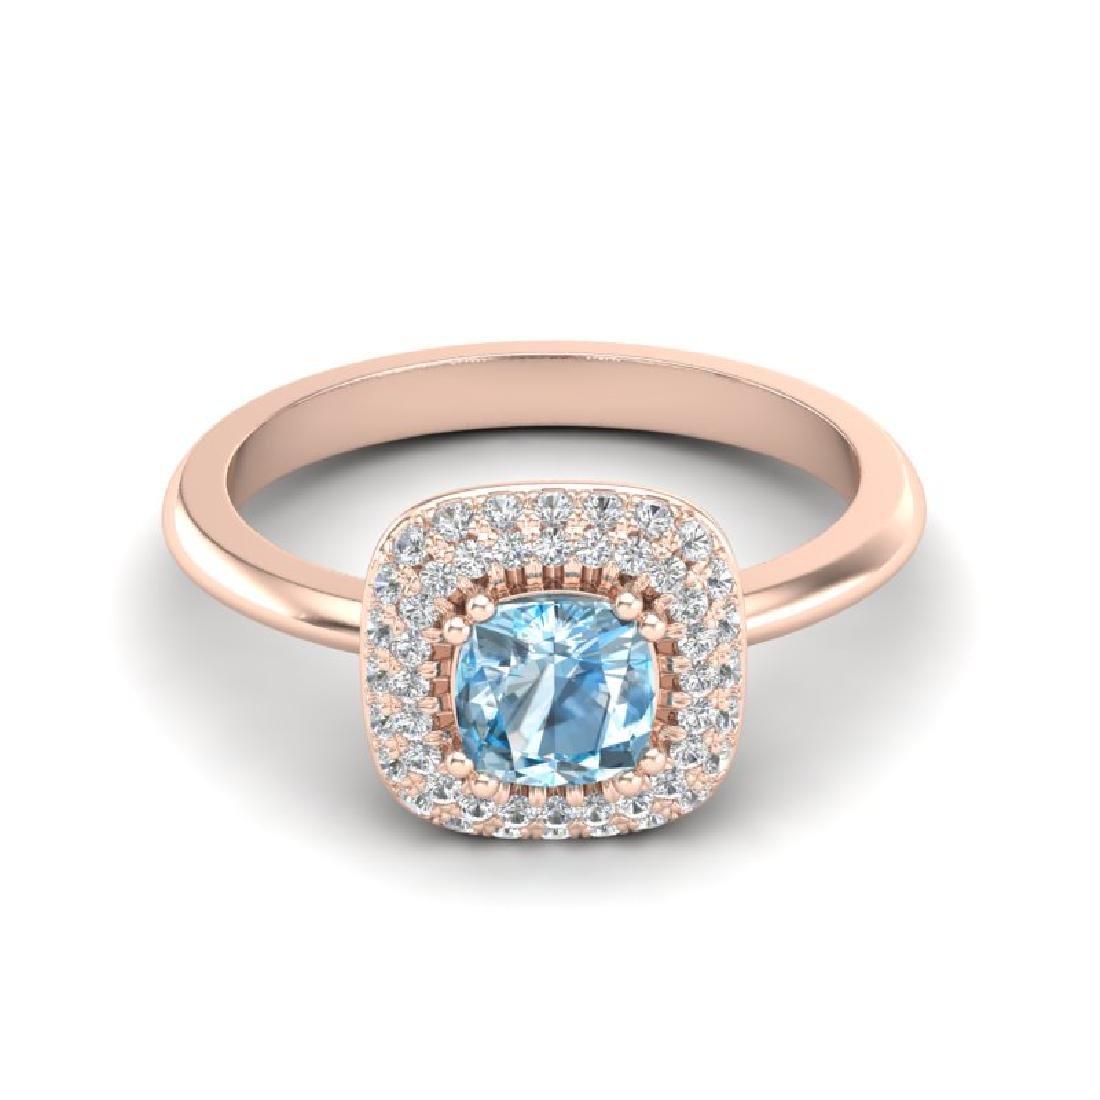 1.16 CTW Sky Blue Topaz & Micro VS/SI Diamond Ring